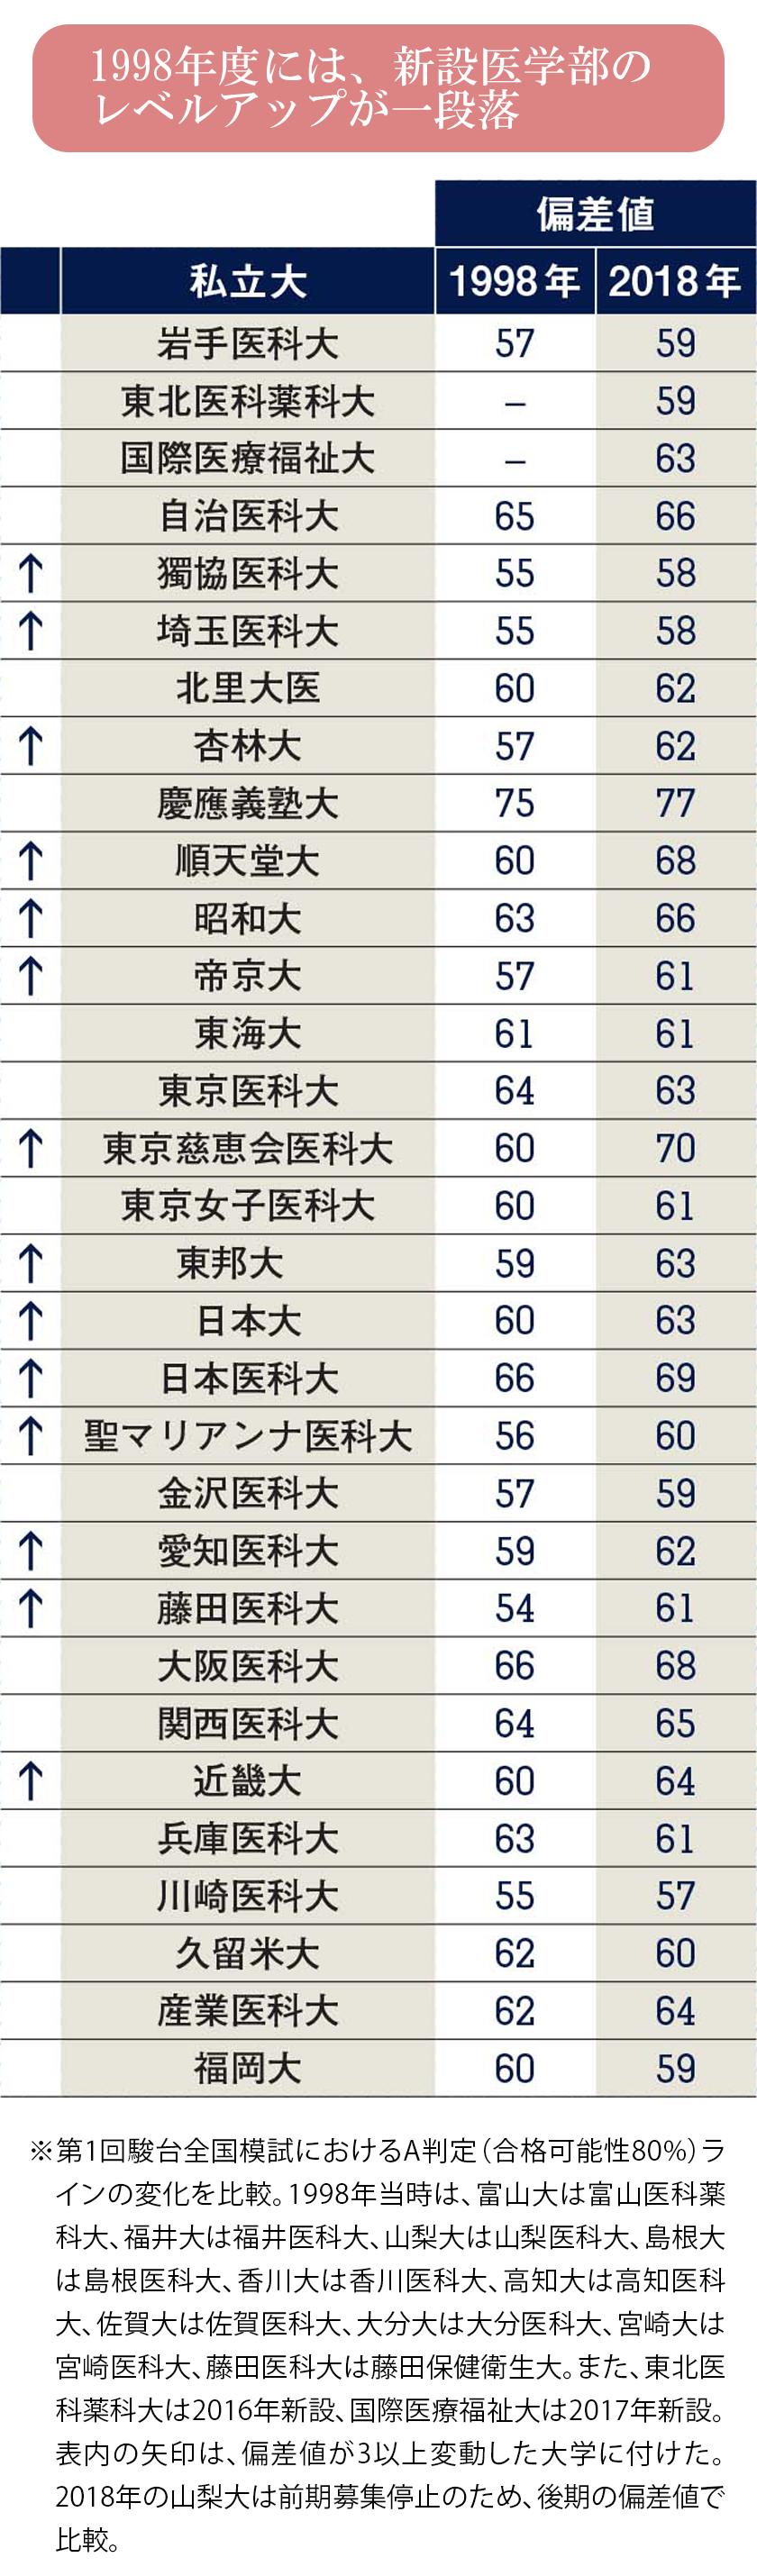 関西 外語 大学 偏差 値